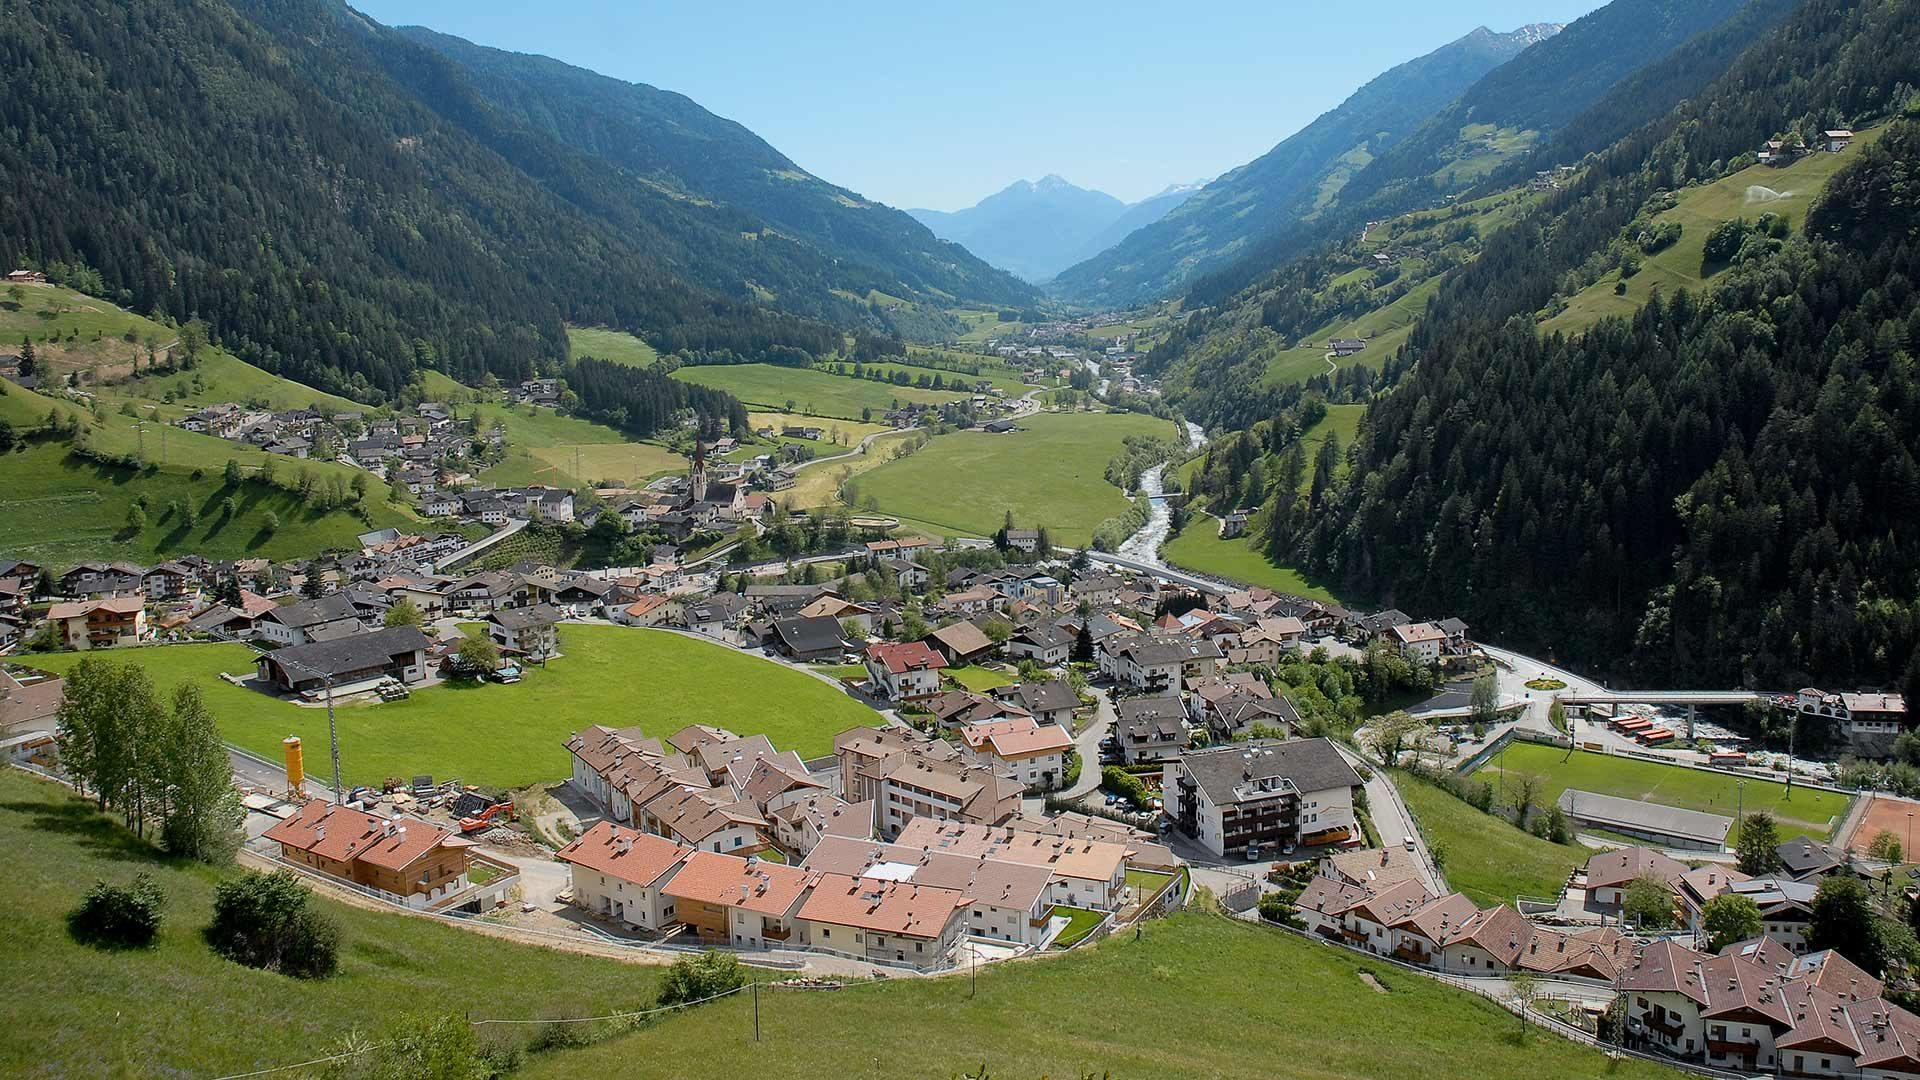 San Leonardo in Alto Adige